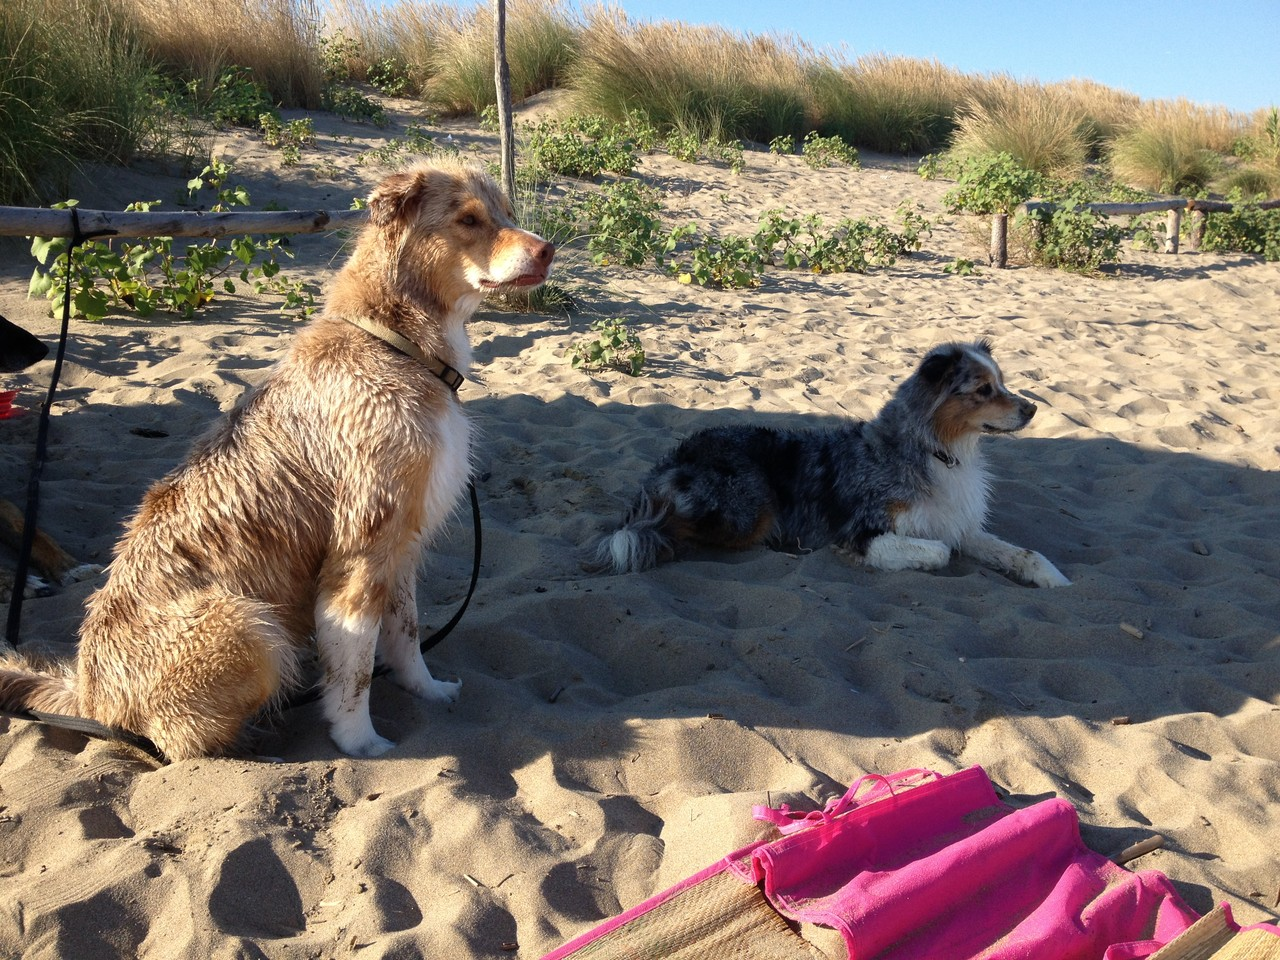 Ab 17Uhr ist der Sand angenehm warm...